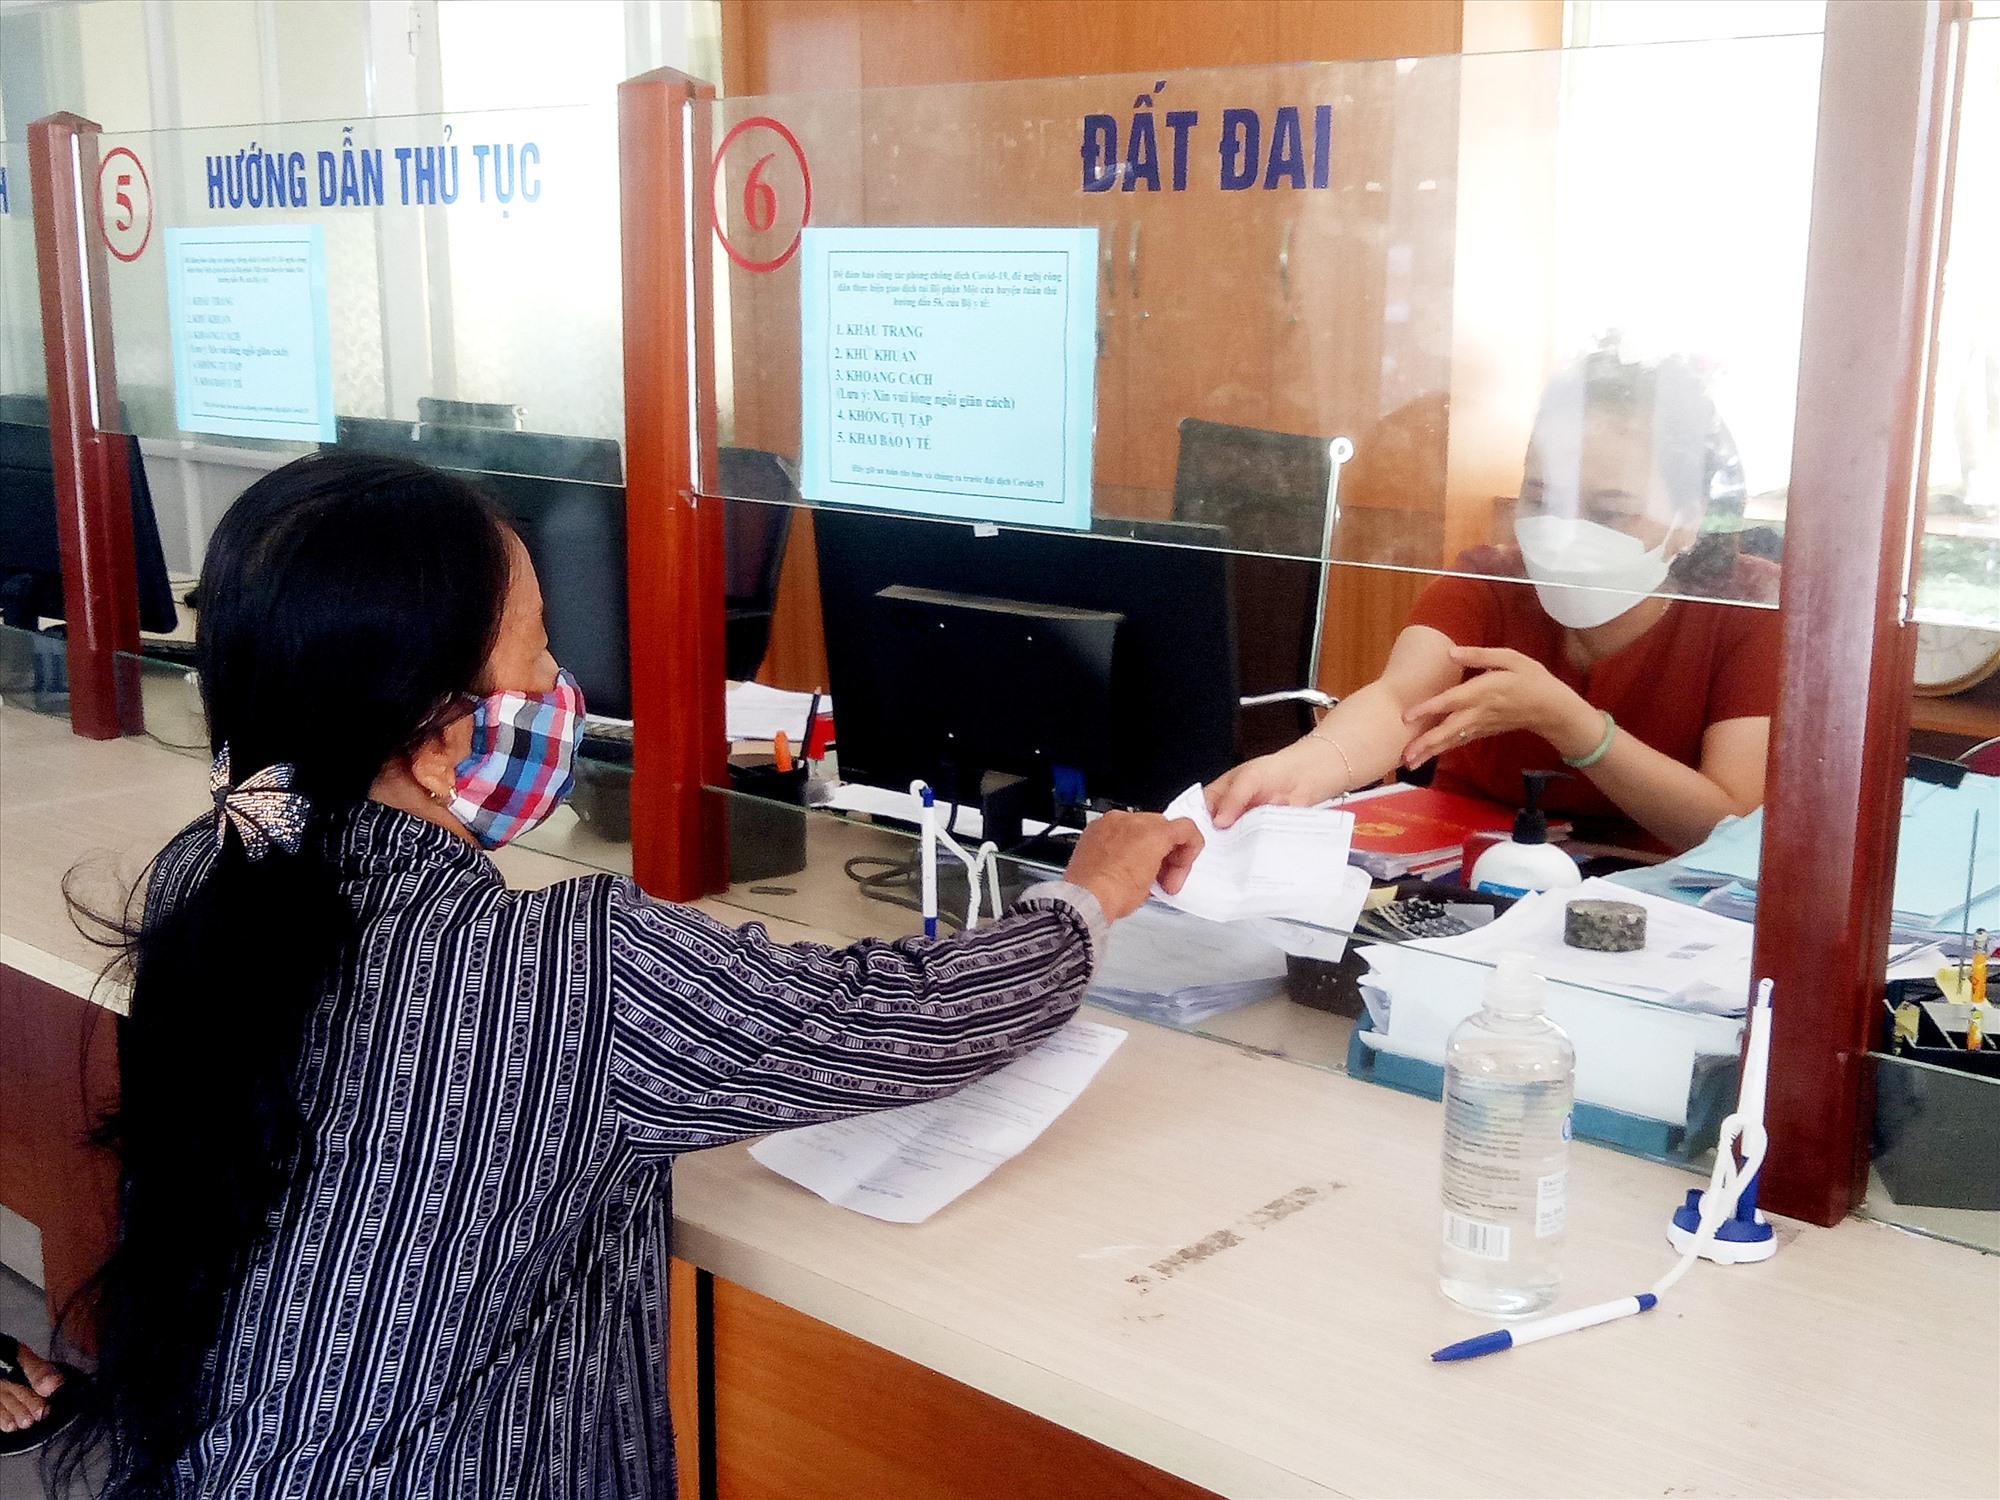 Phú Ninh khuyến khích người dân sử dụng dịch vụ công trực tuyến. Ảnh: Đ.V